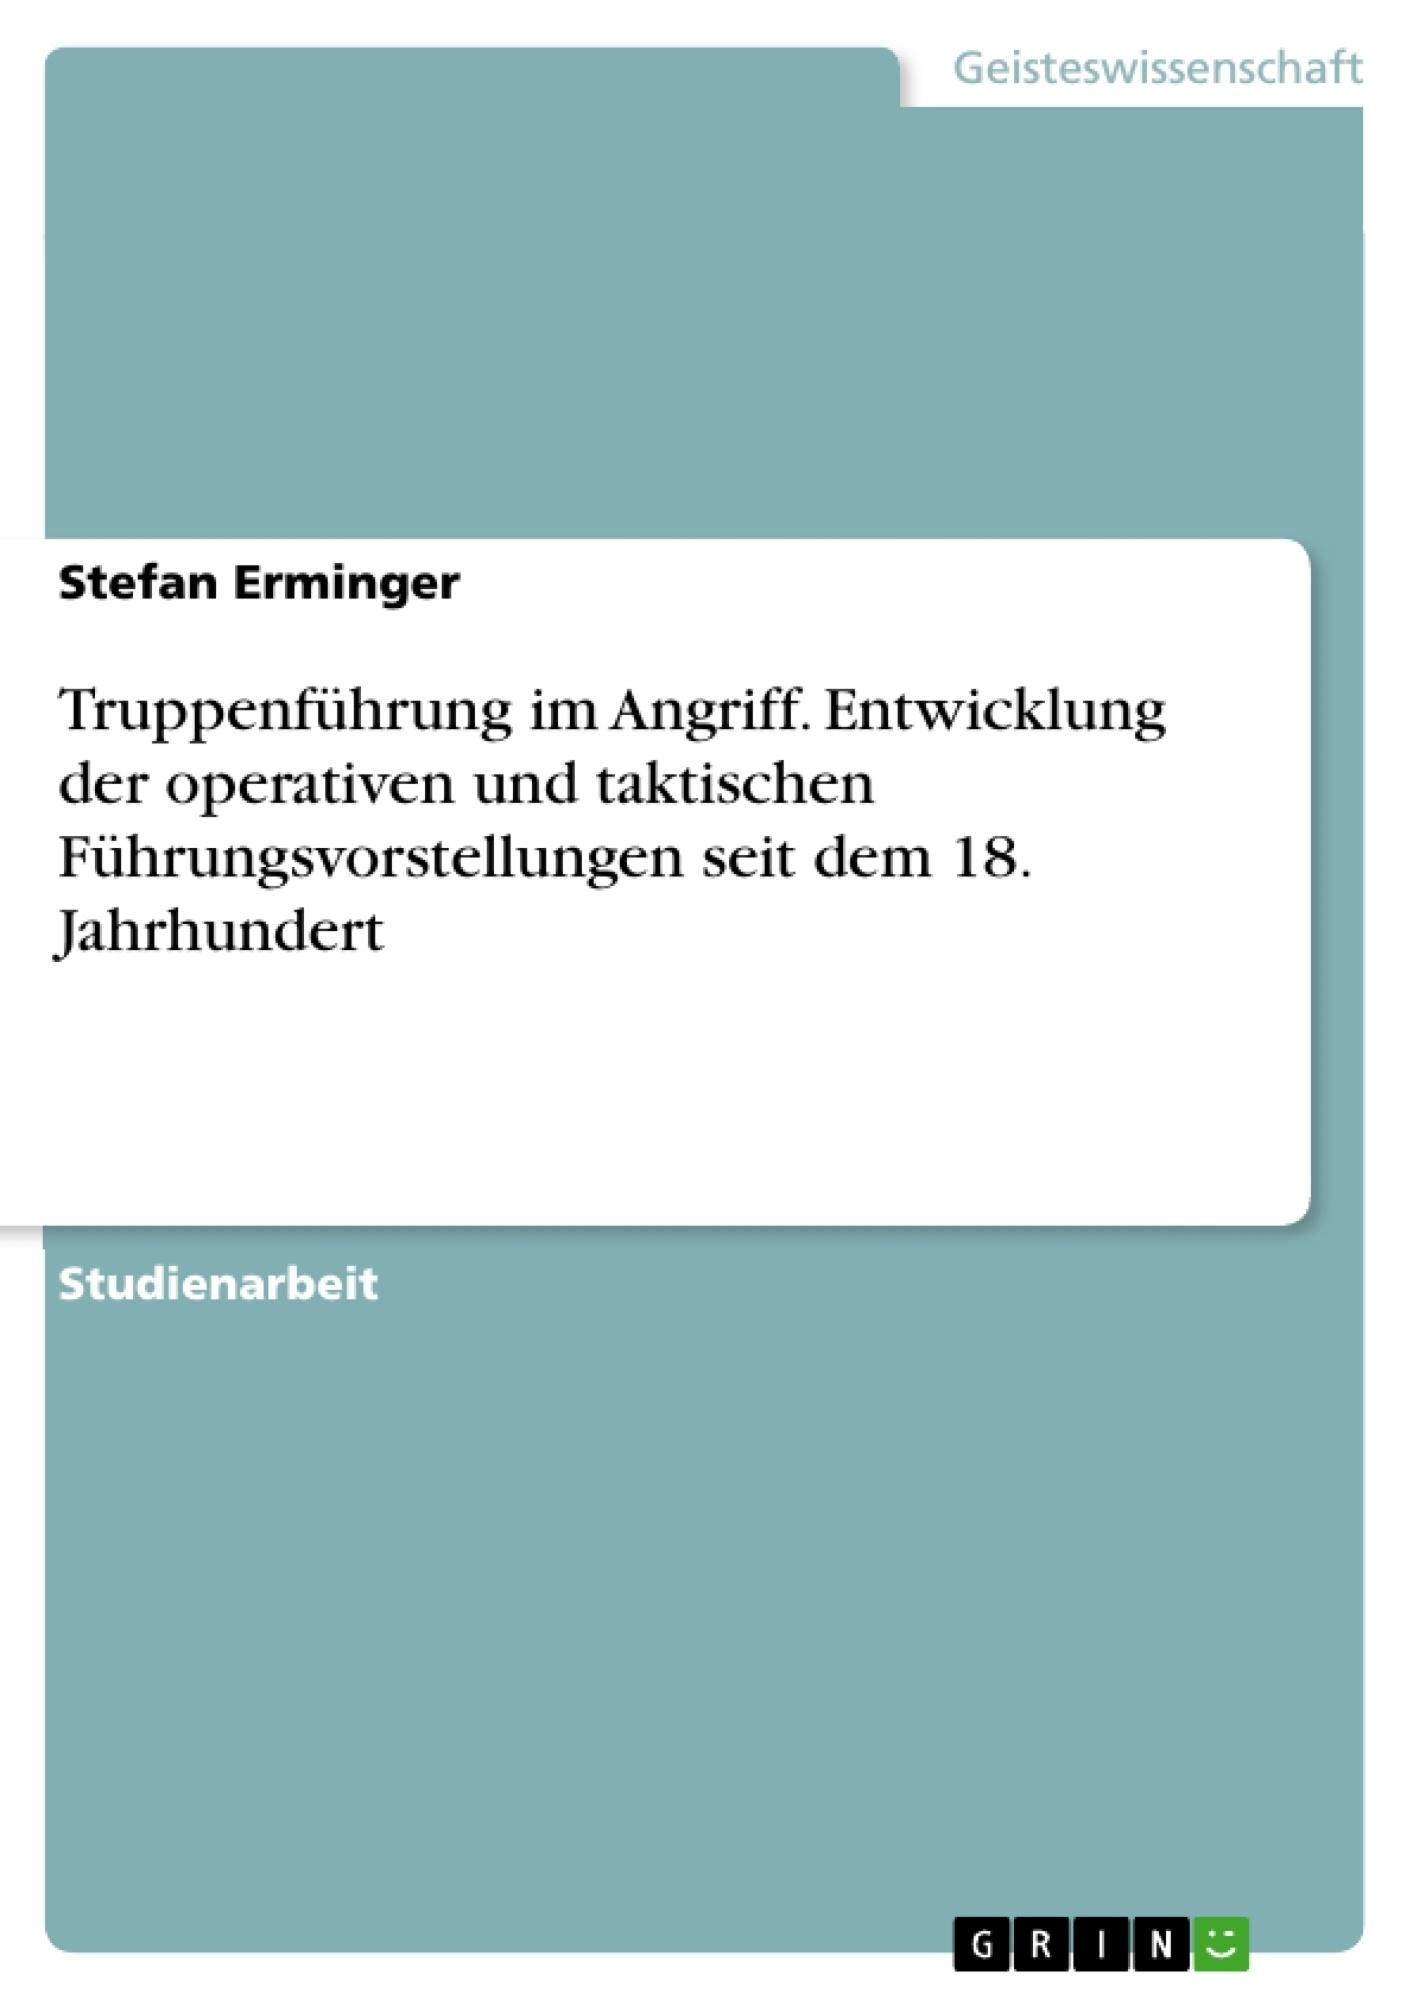 Titel: Truppenführung im Angriff. Entwicklung der operativen und taktischen Führungsvorstellungen seit dem 18. Jahrhundert